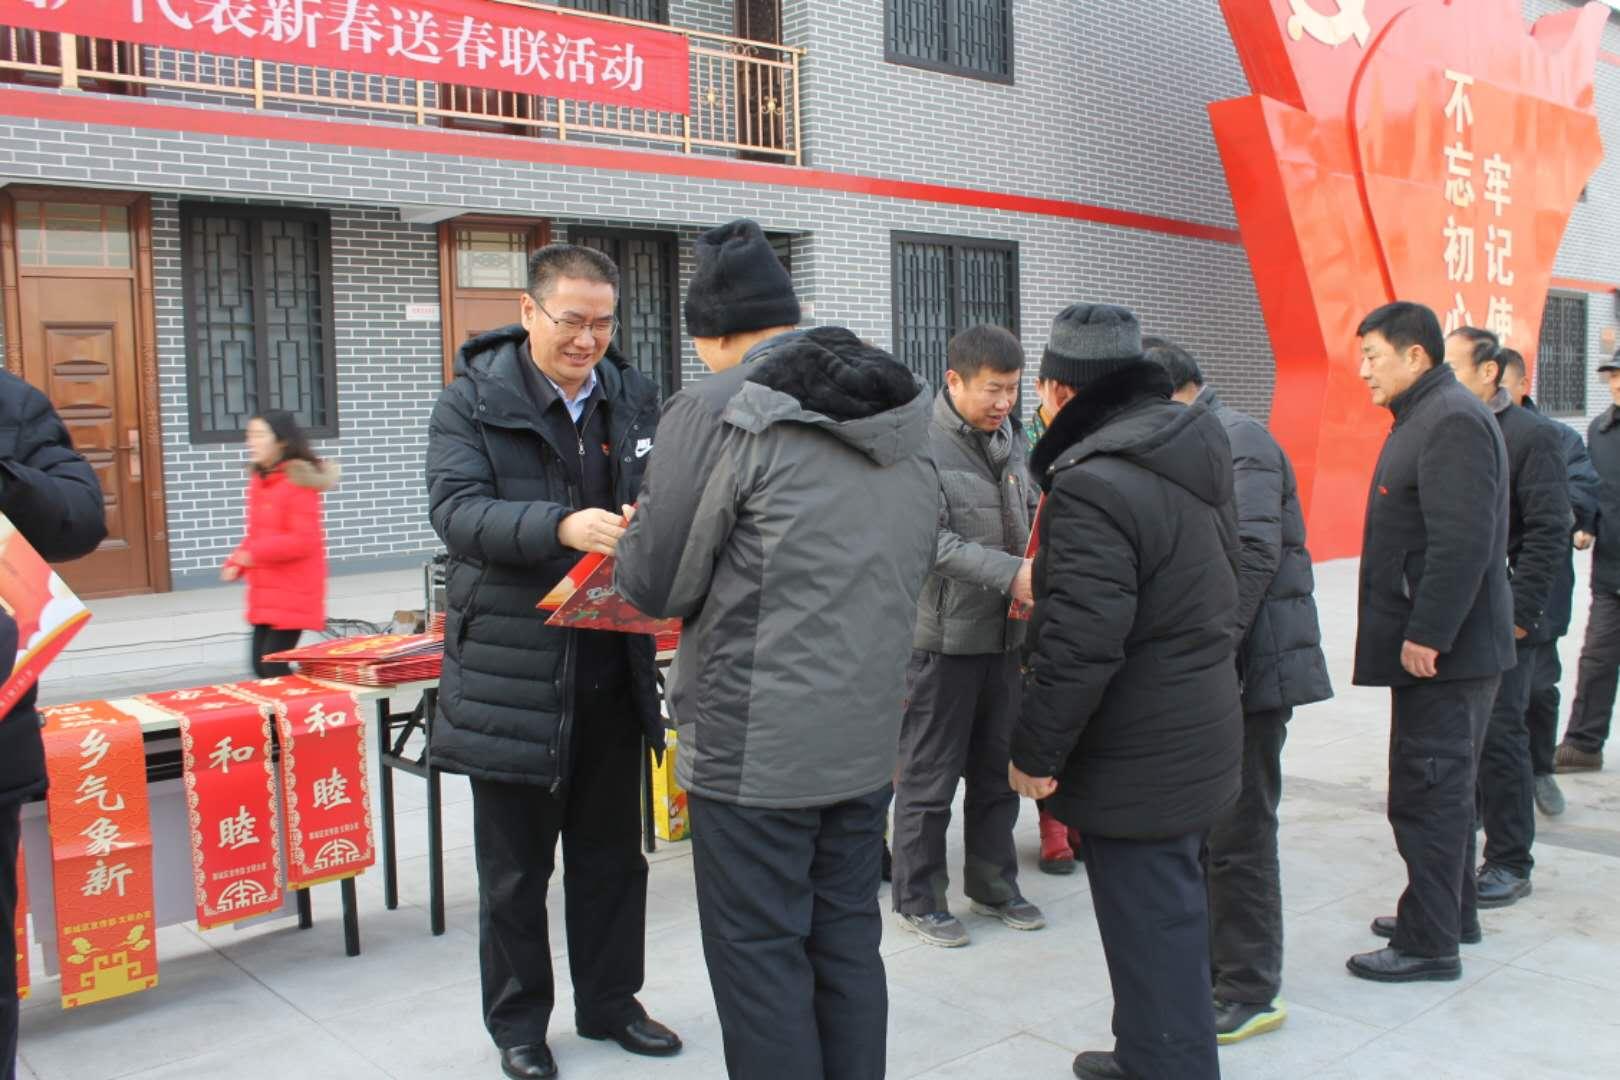 漯河市郾城区开展送春联活动